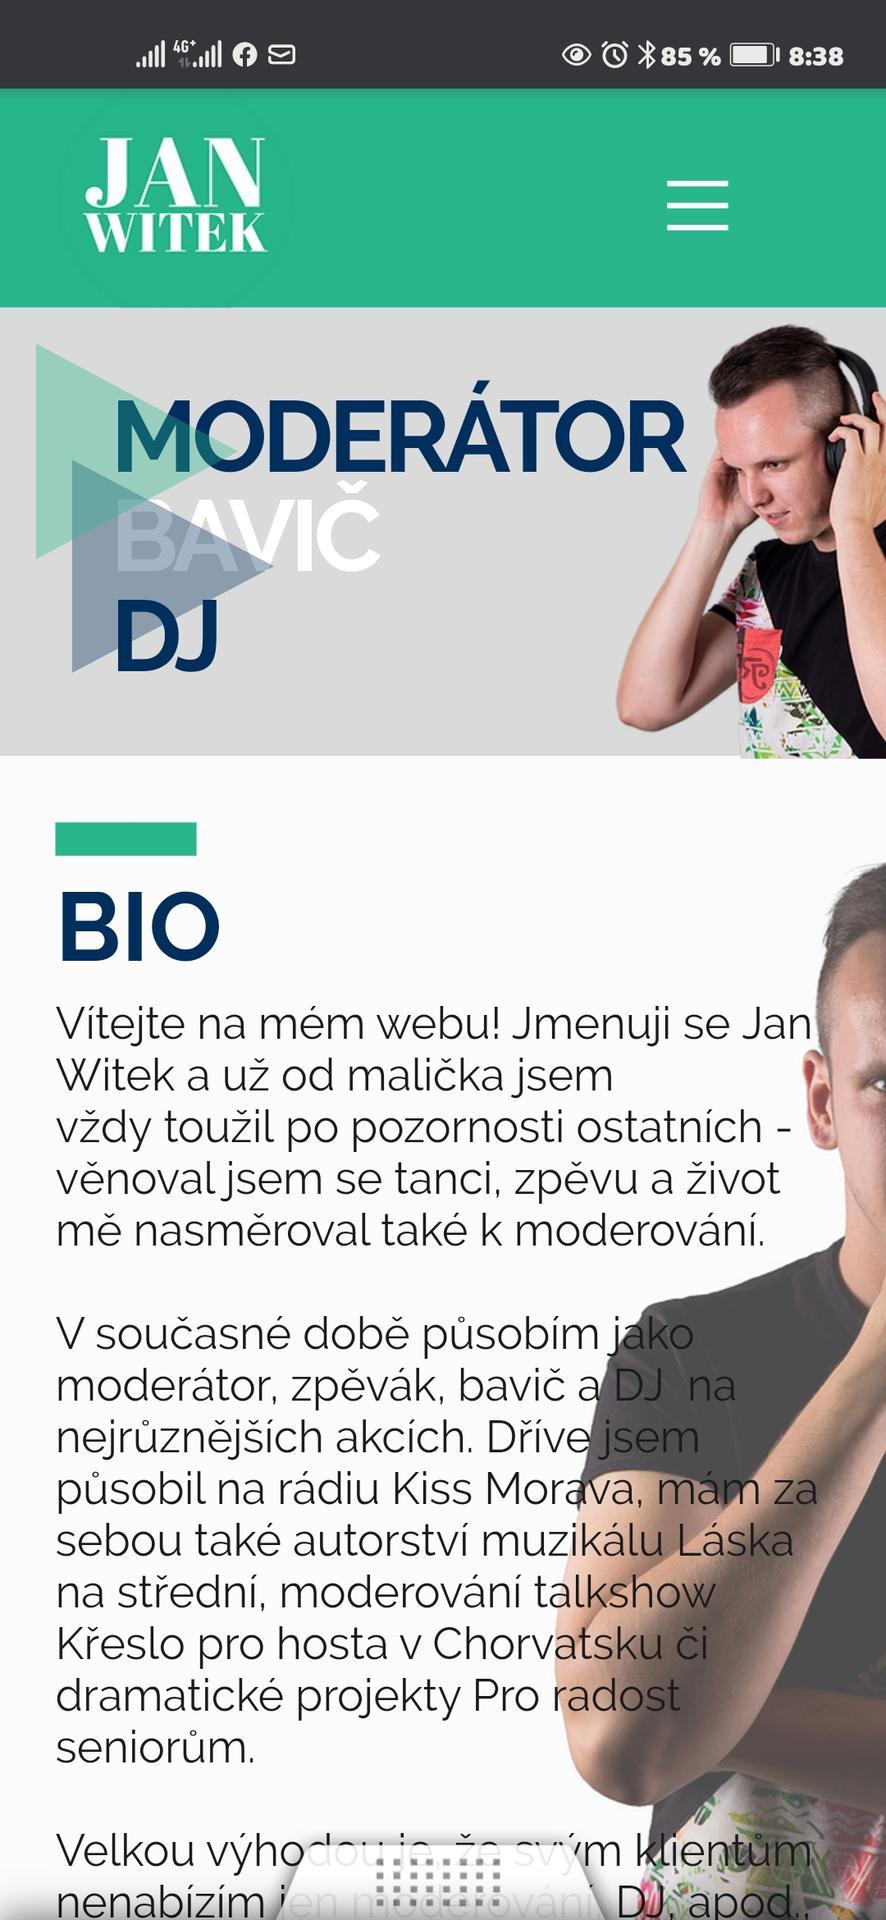 Vrabcovi 10.9.2022 - Náš DJ 😊